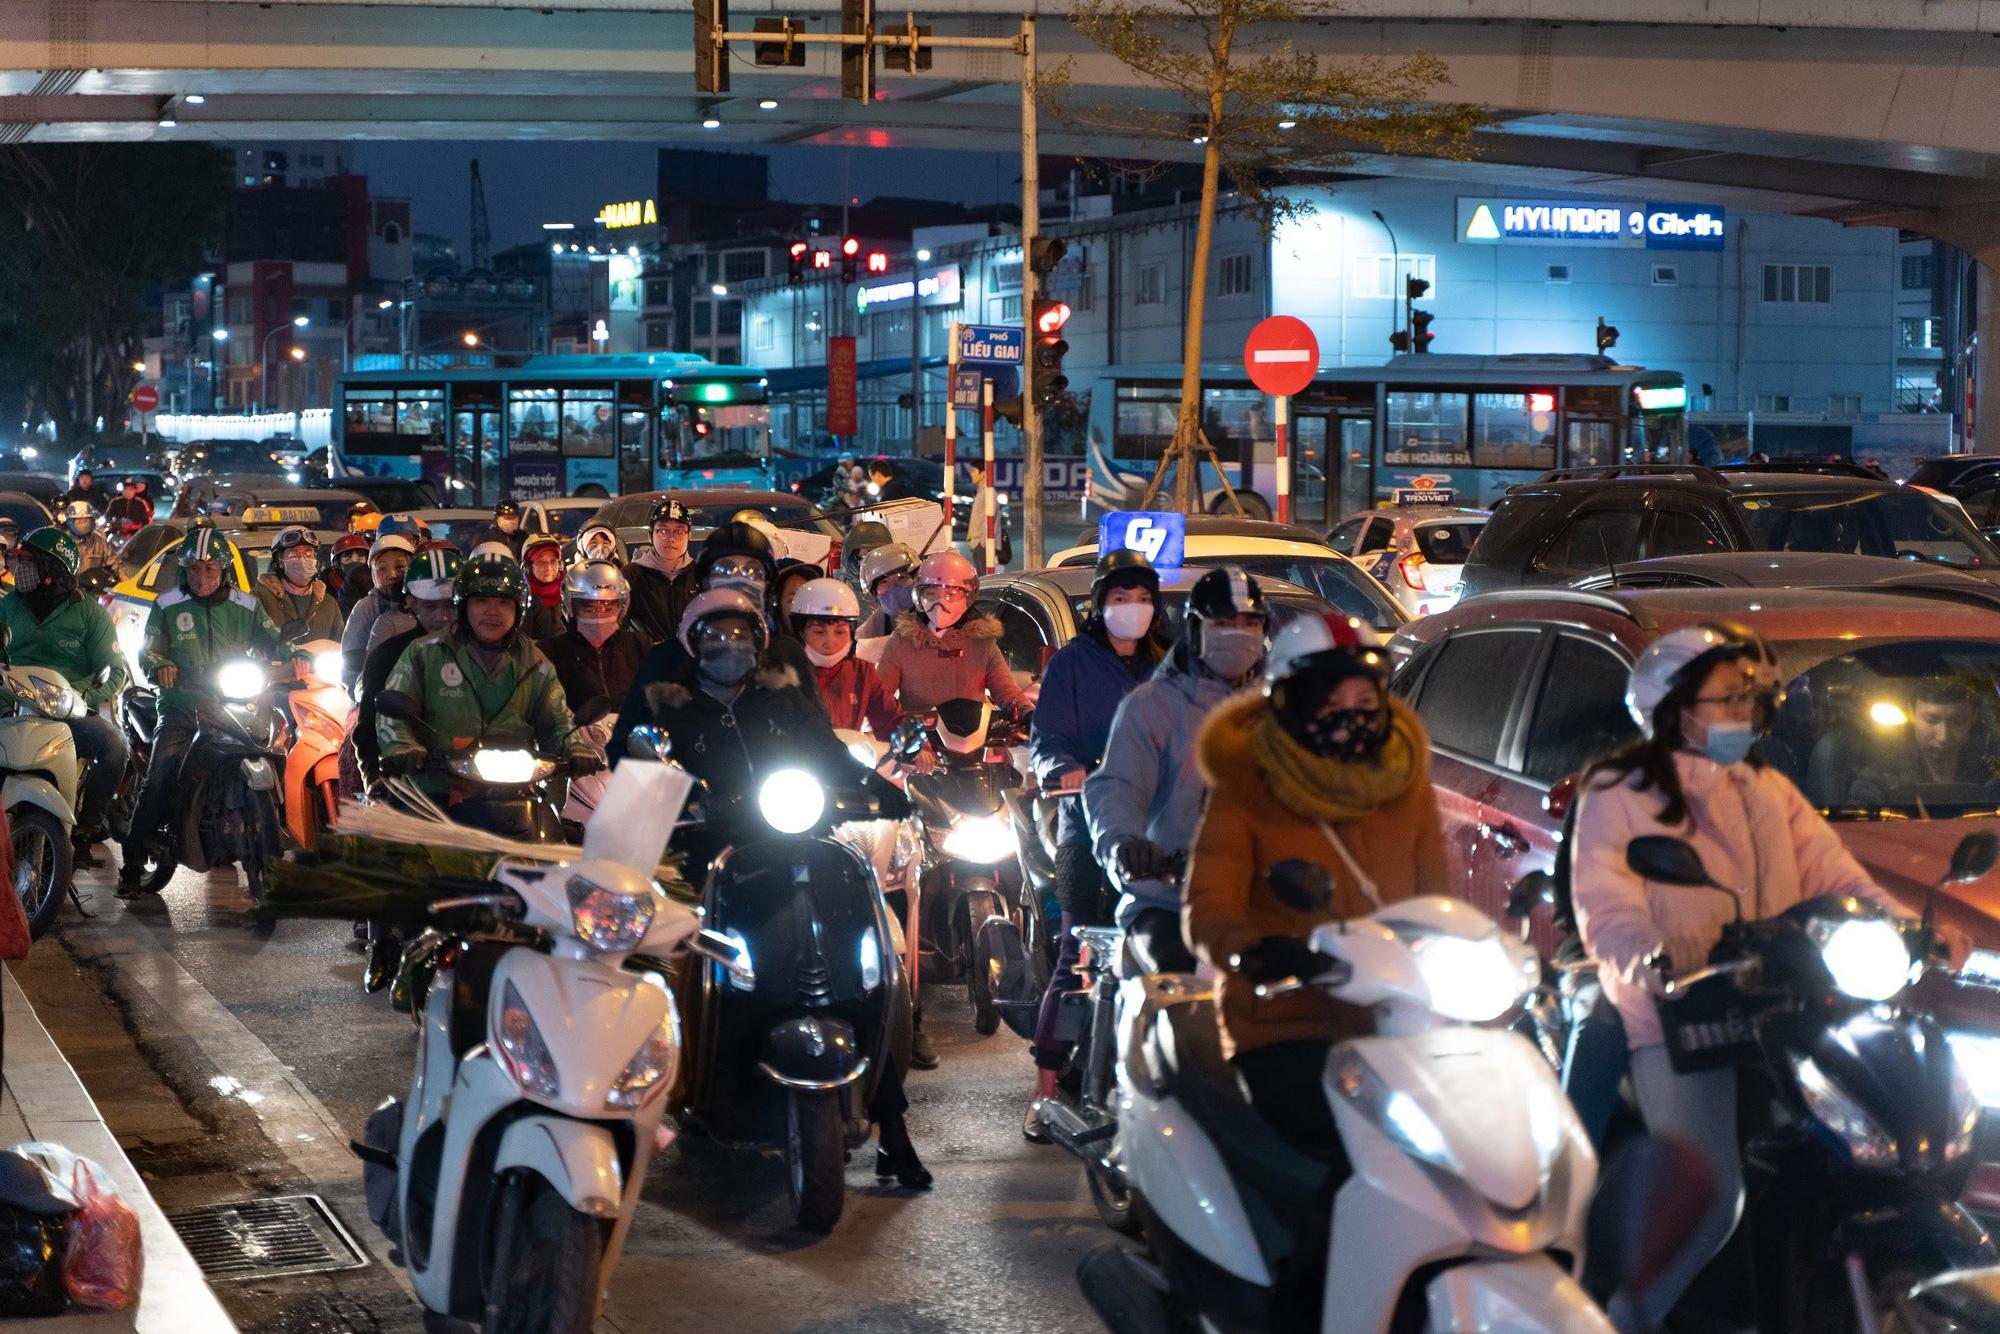 Mỗi năm, người Việt đi xe máy trung bình 7.800 km - Ảnh 1.